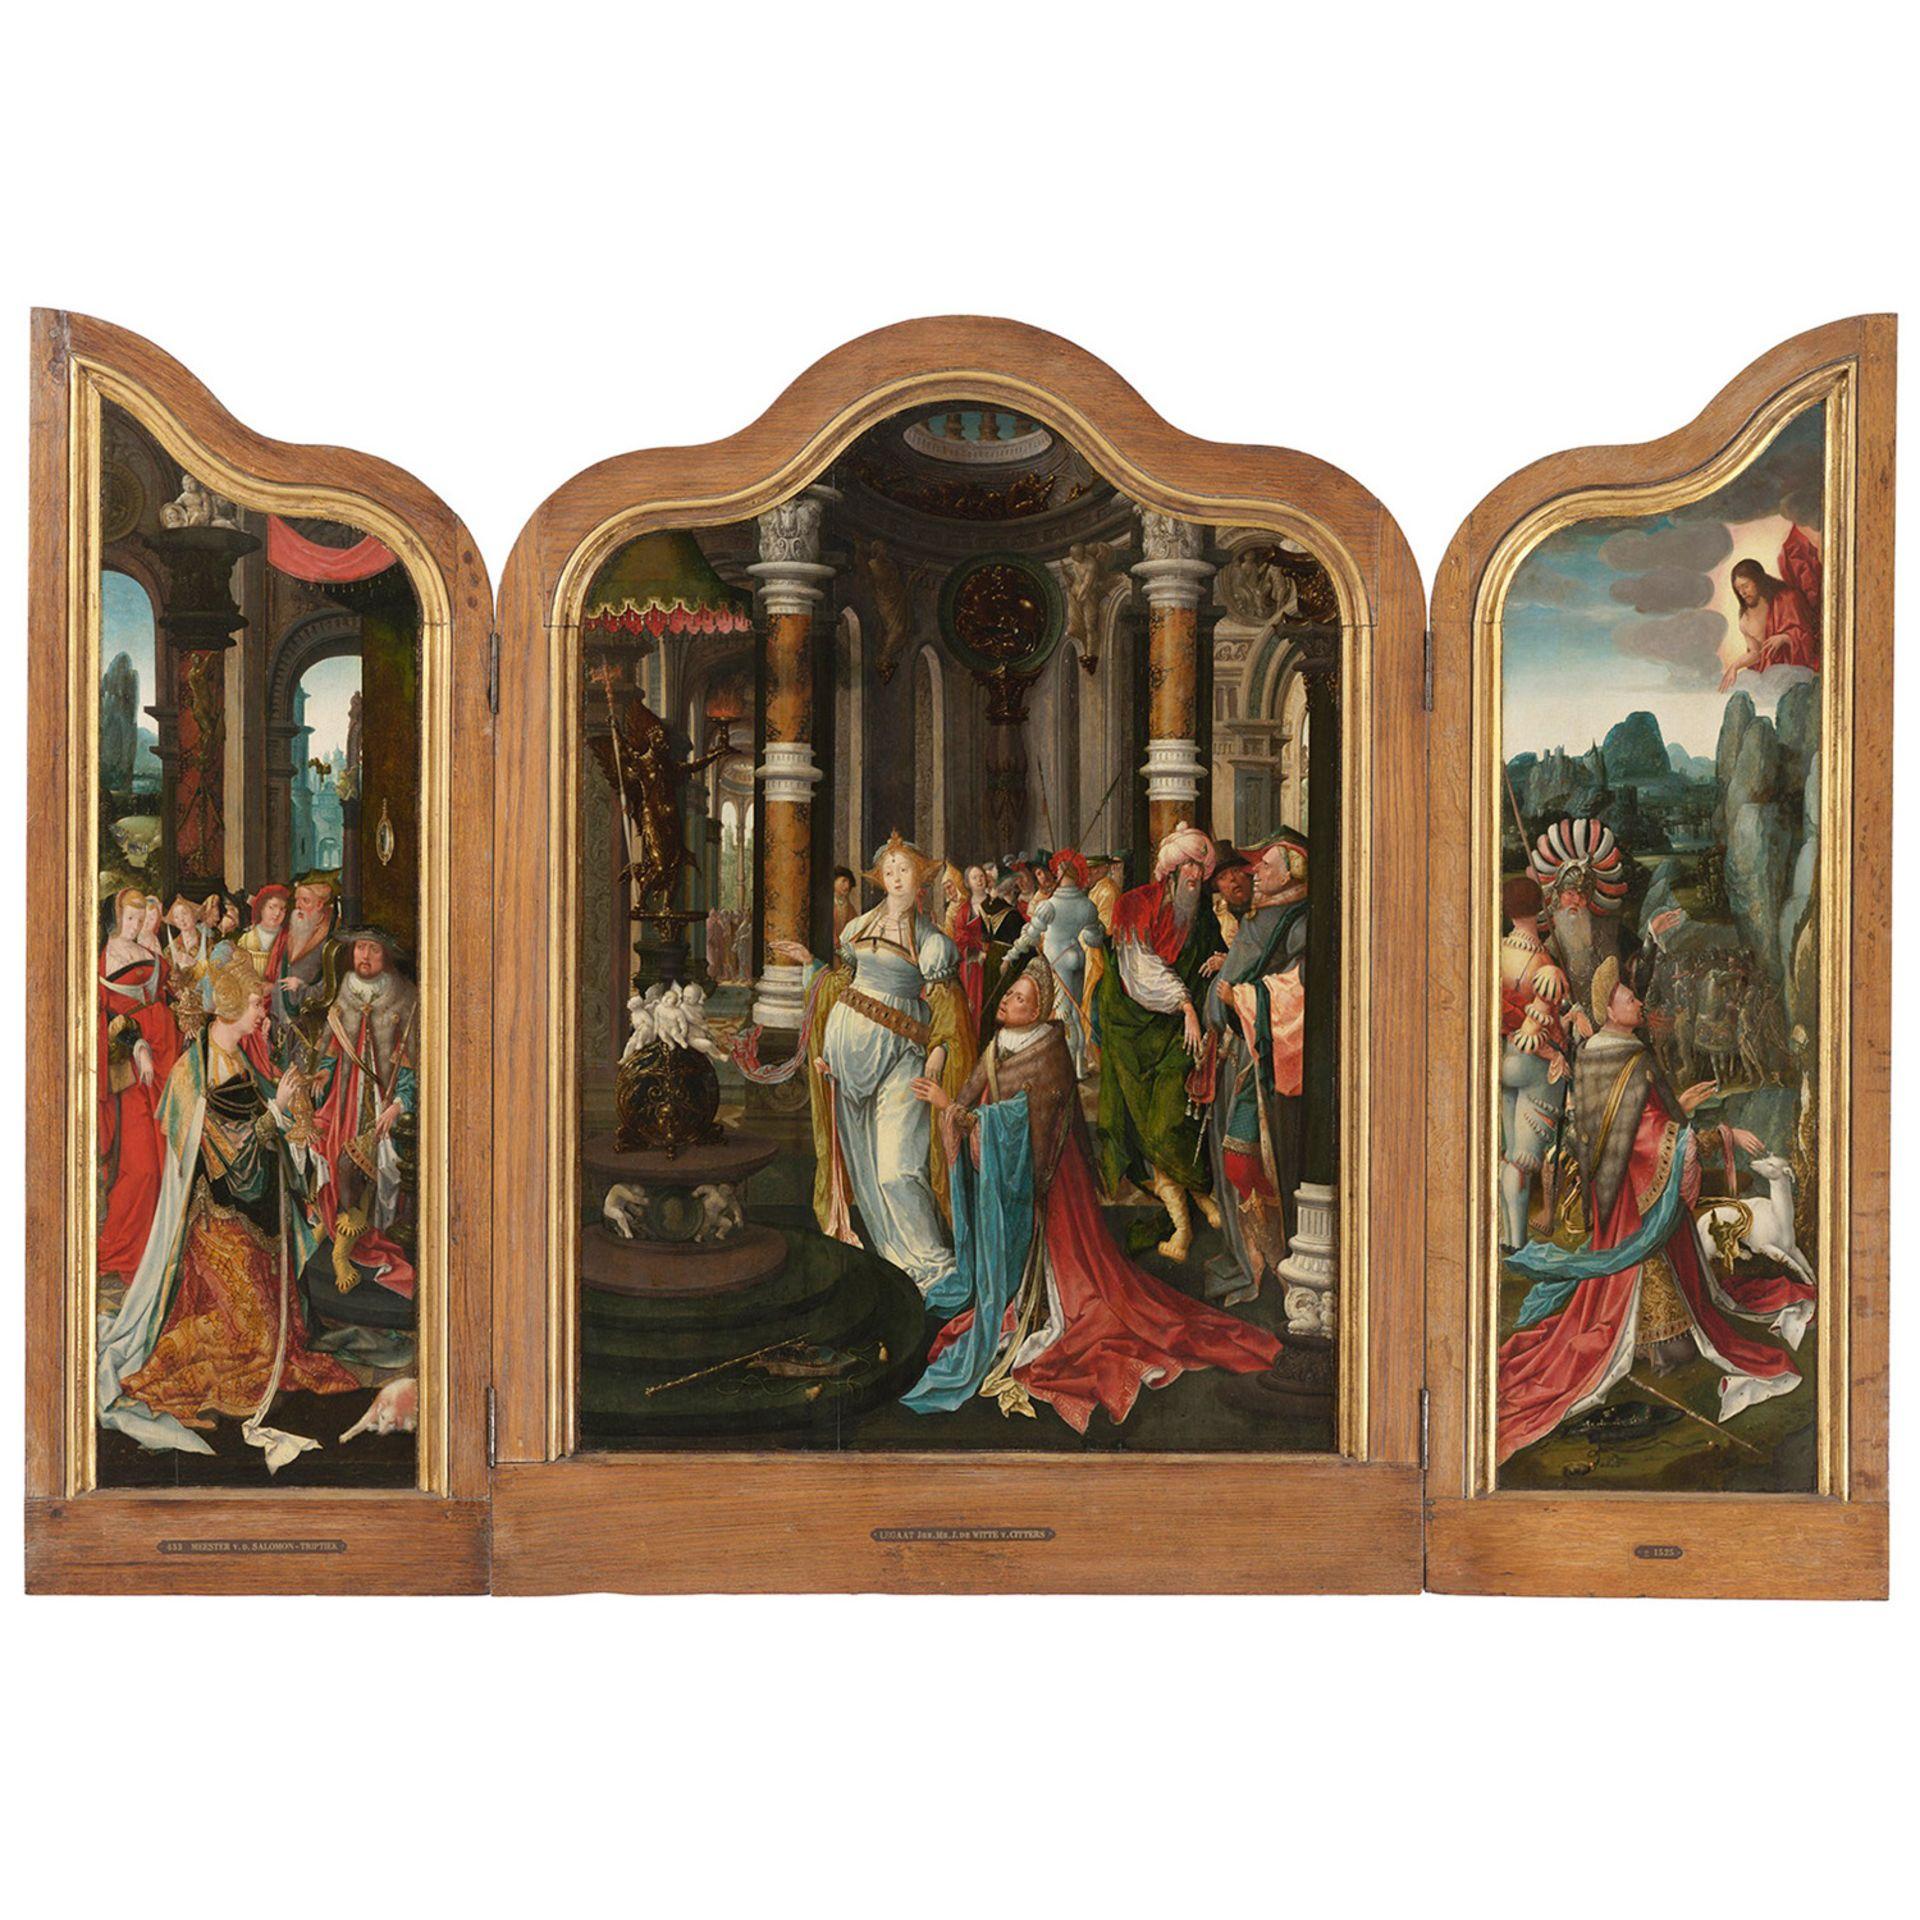 MAÎTRE DU TRIPTYQUE SALOMON (actif en Zélande vers 1520) - Bild 2 aus 3